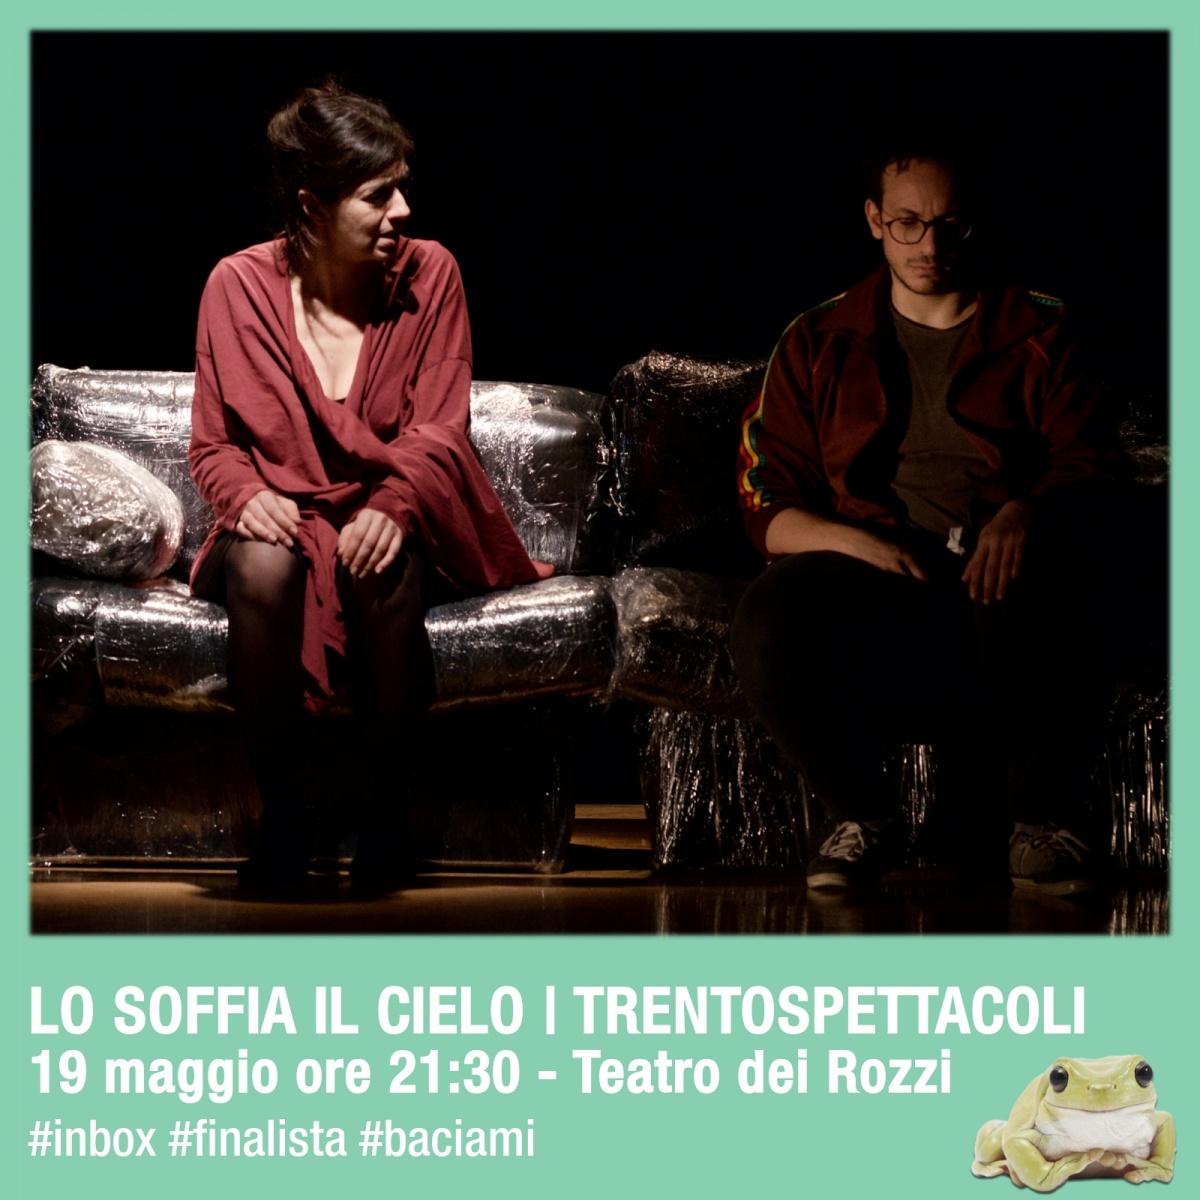 Finale IN BOX Siena: Lo soffia il cielo TrentoSpettacoli